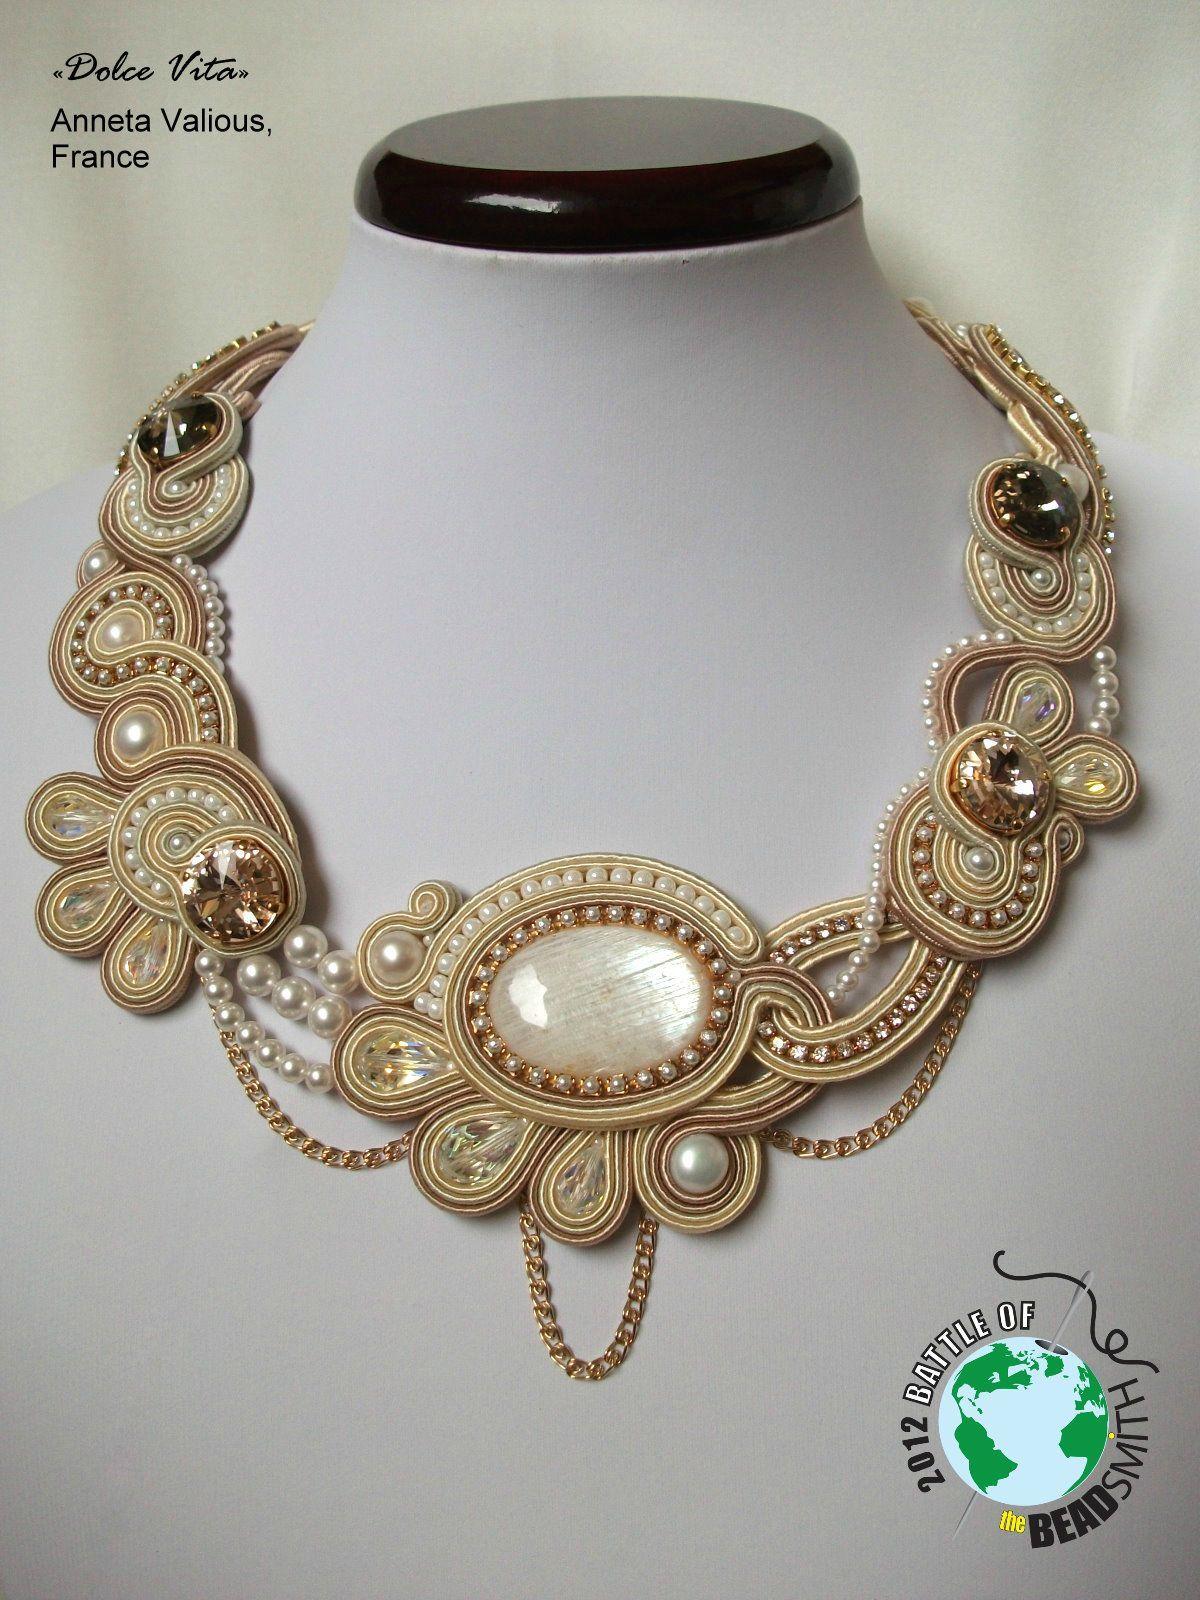 meilleur endroit nouveau style de vie promotion Dolce Vita - Mes bijoux en perles | Amazing Soutache ...